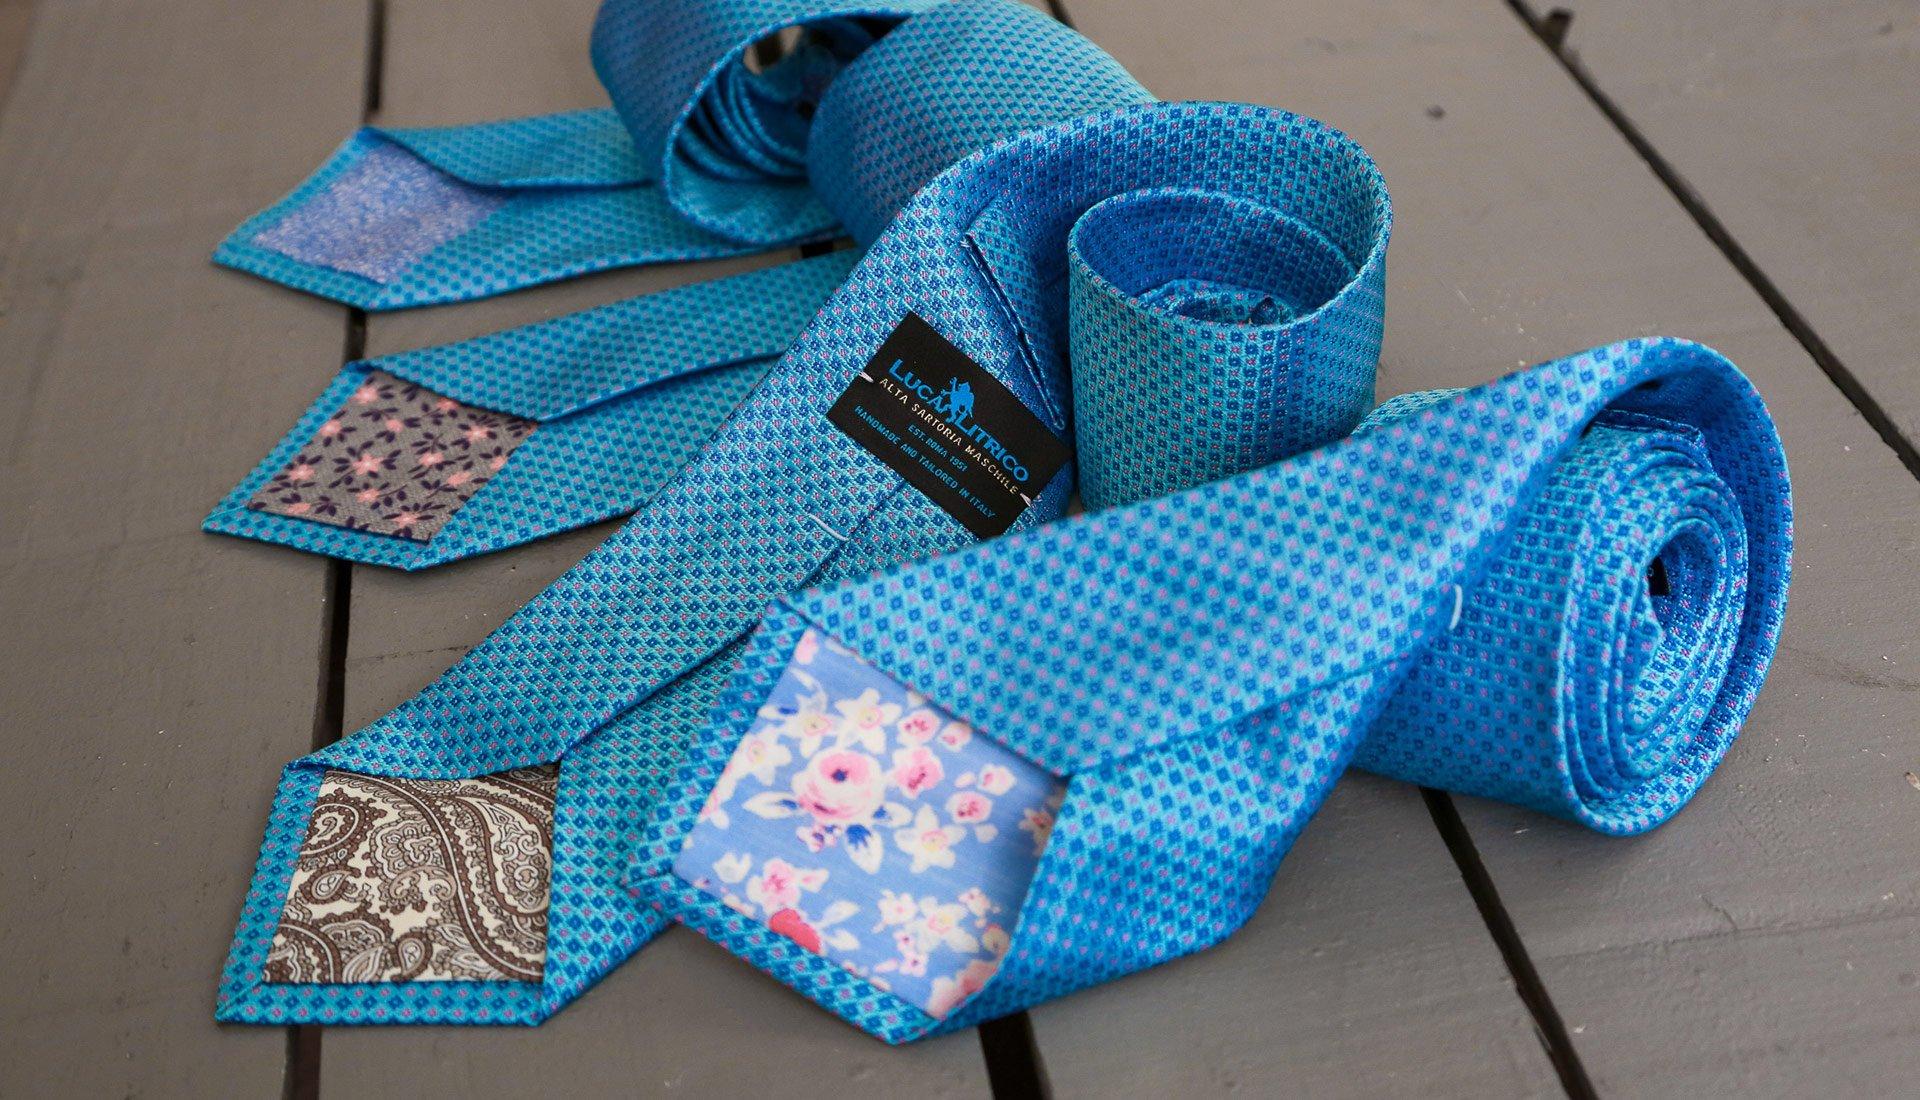 Le cravatte sartoriali: la Sartoria Litrico garanzia di Stile